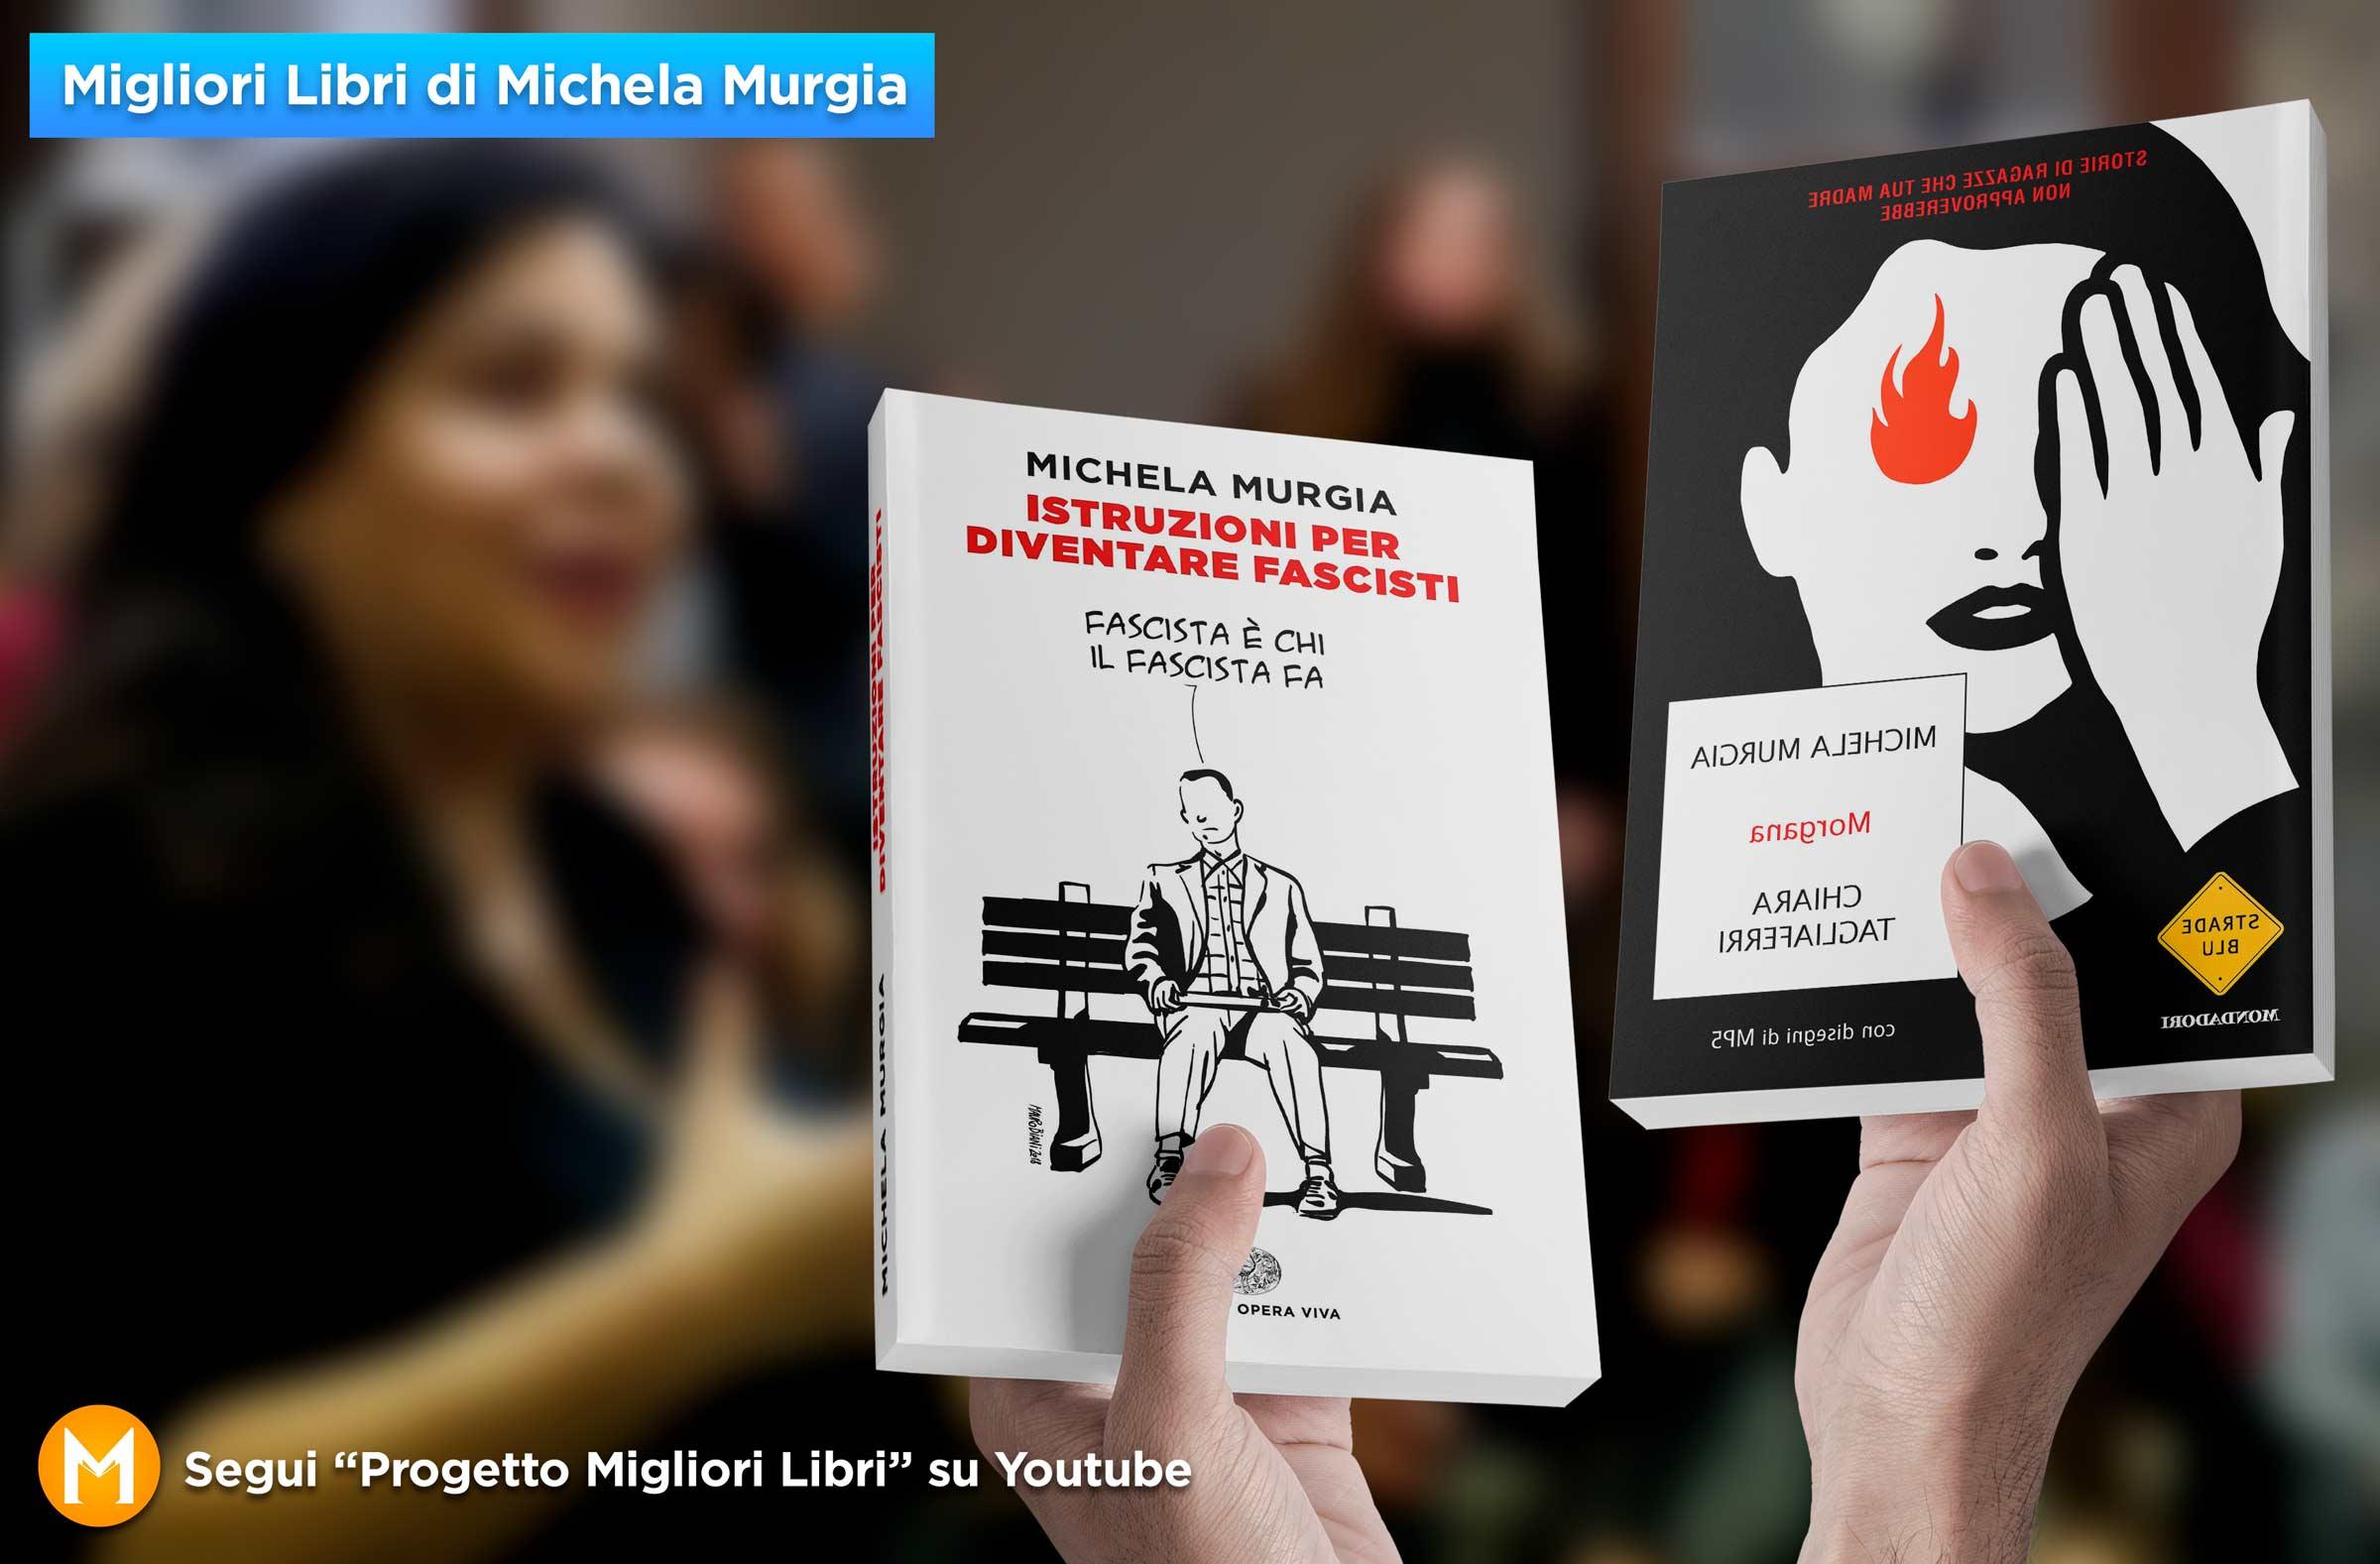 migliori-libri-michela-murgia